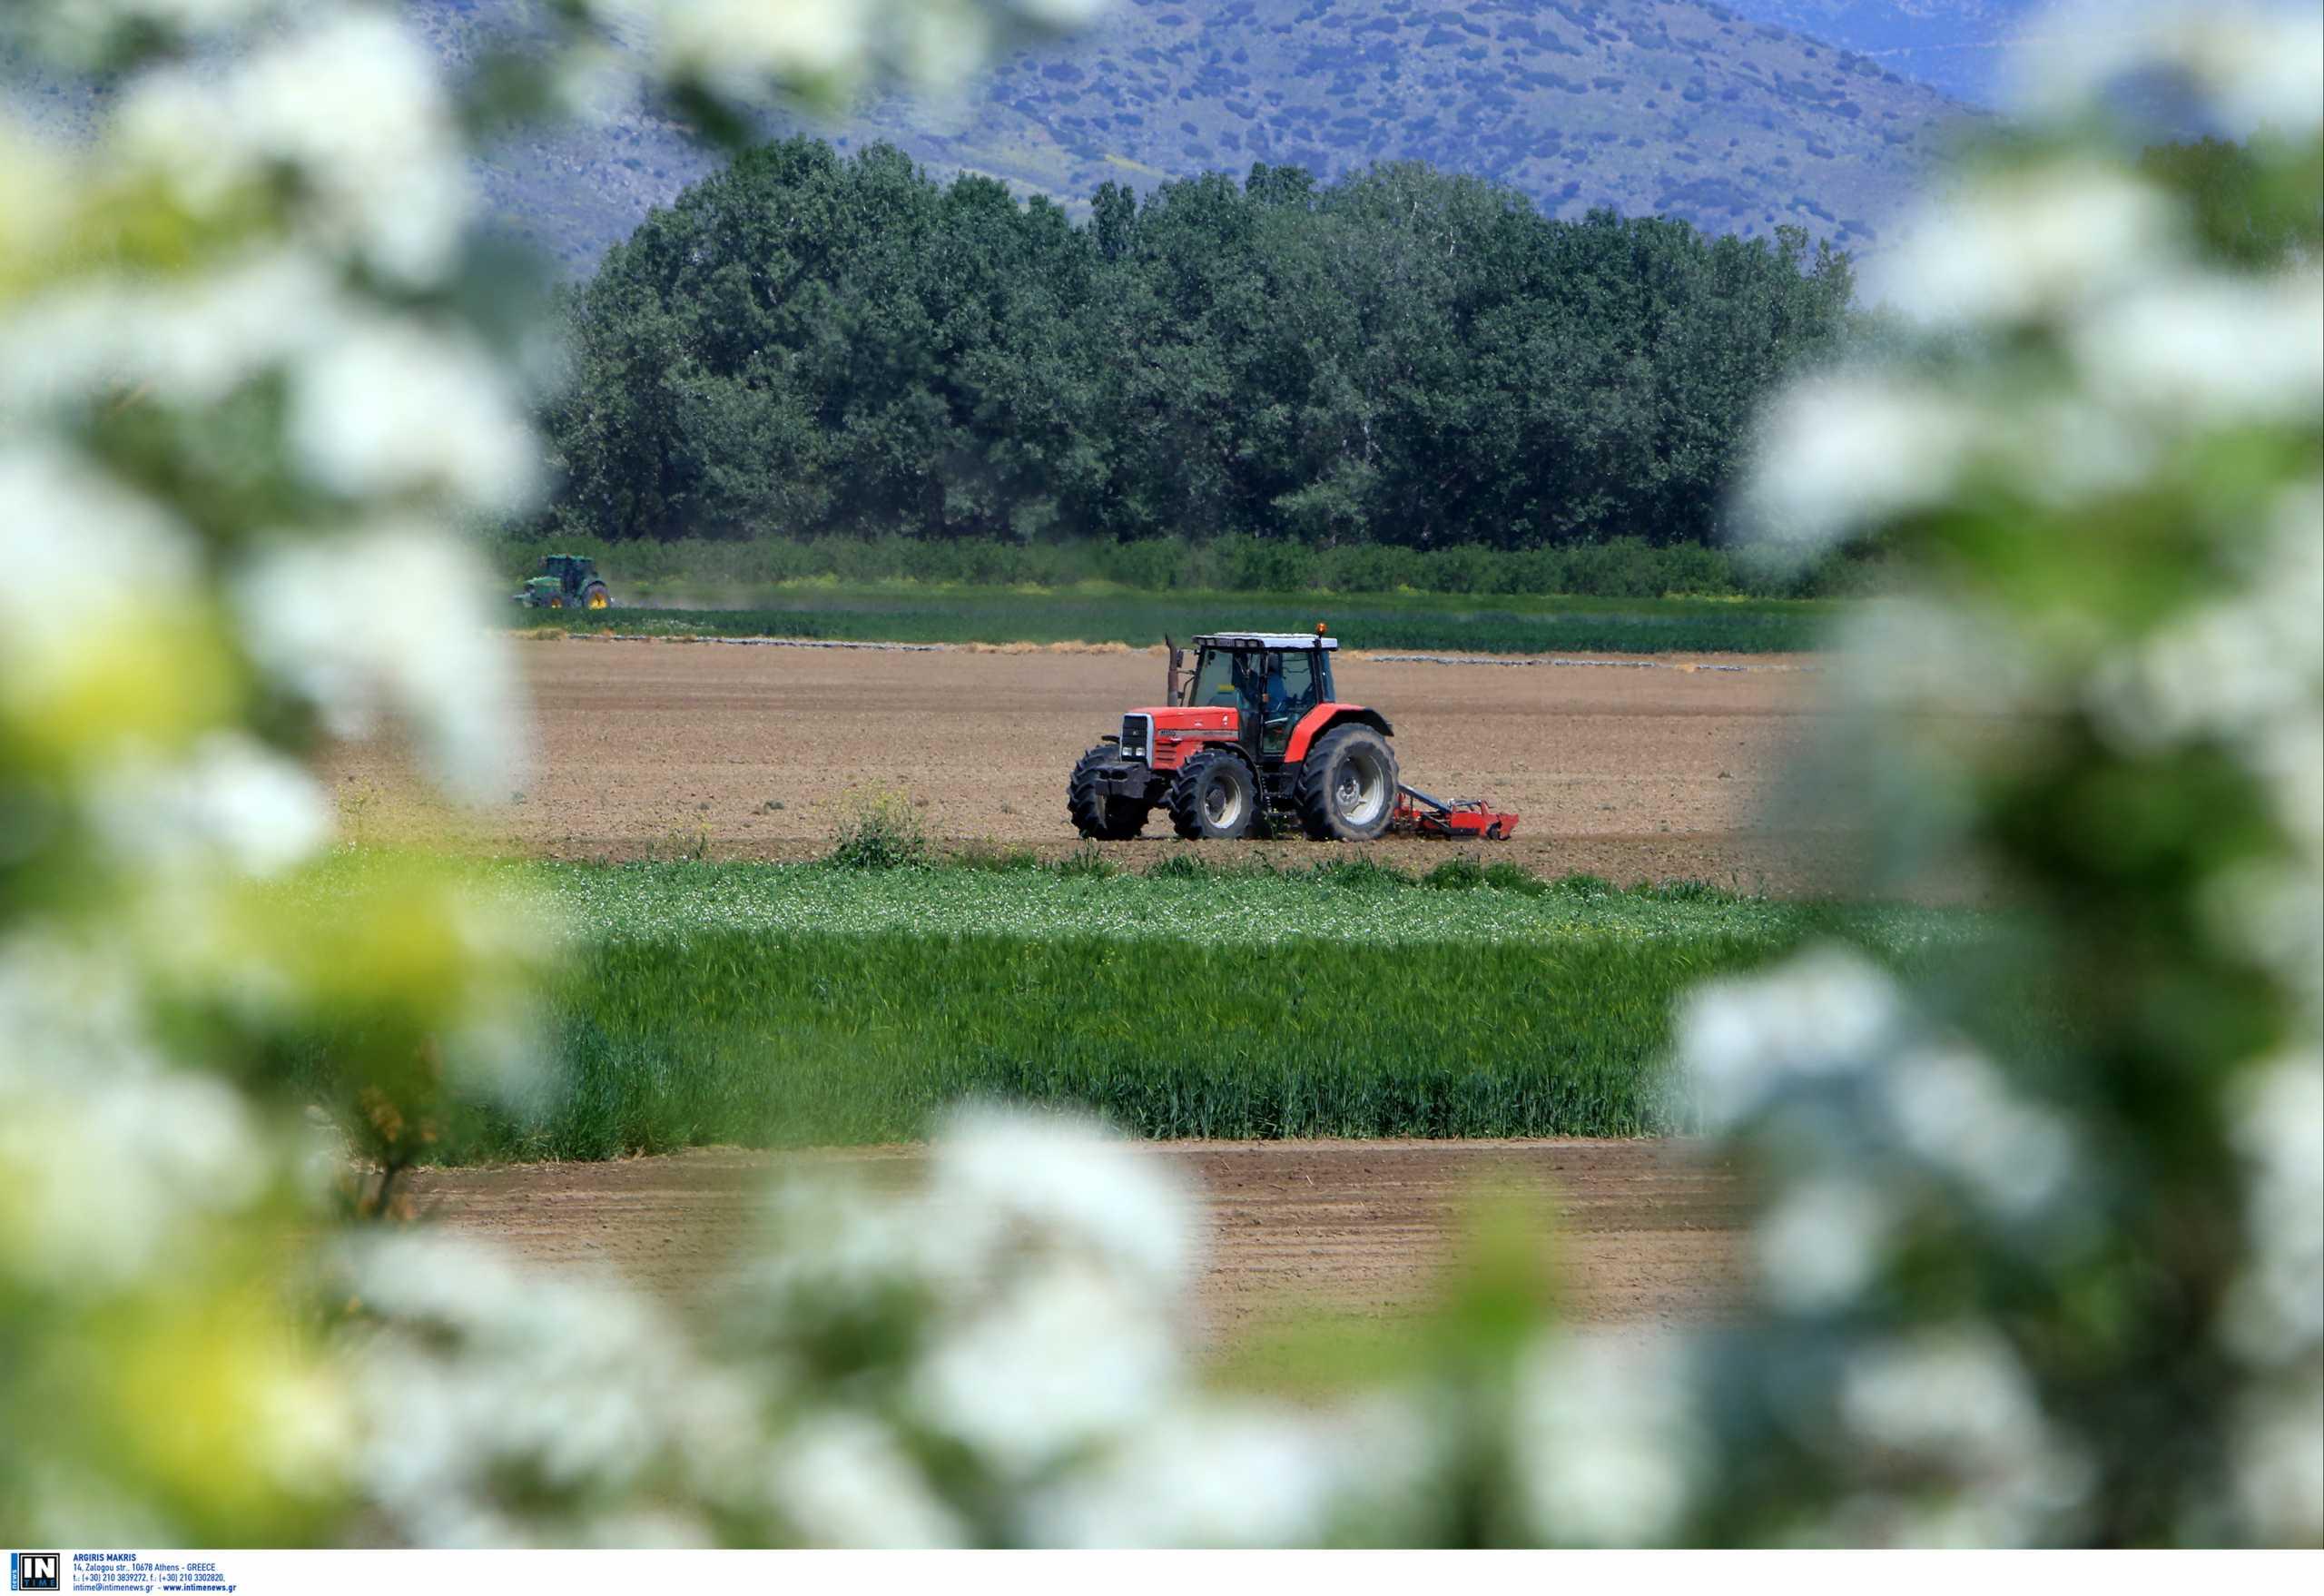 Ανοίγει ο Μεθοριακός Σταθμός Κρυσταλλοπηγής για την είσοδο εργατών γης